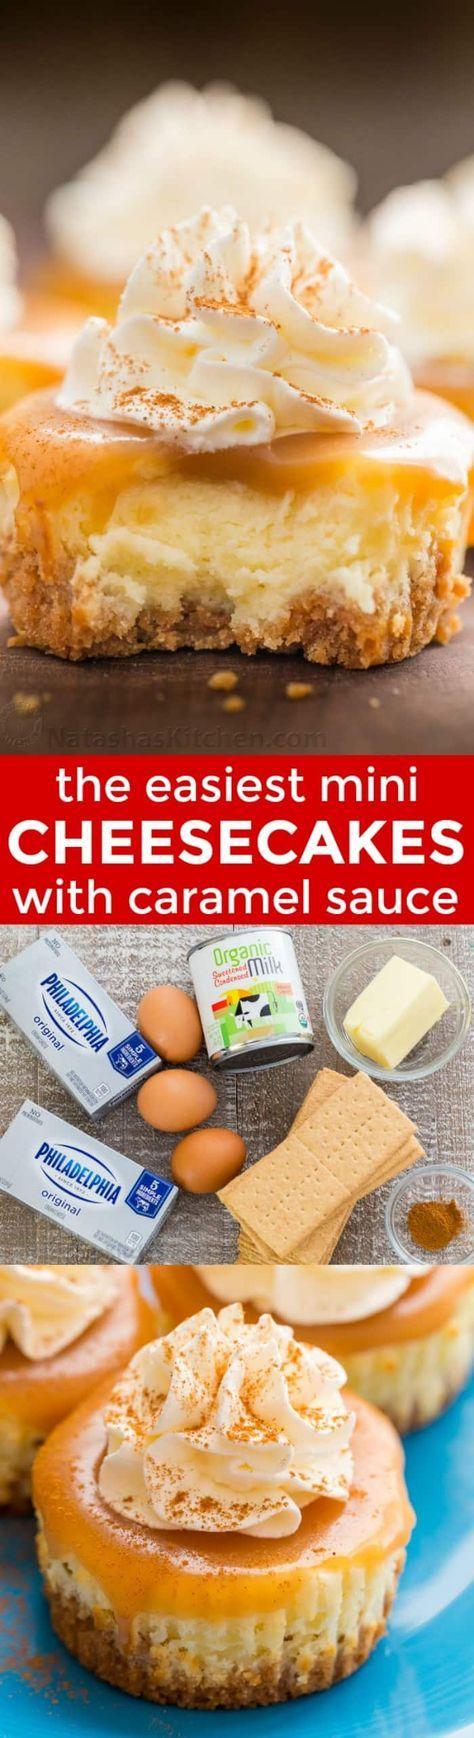 Mini Cheesecakes with Caramel Sauce (VIDEO) - NatashasKitchen.com